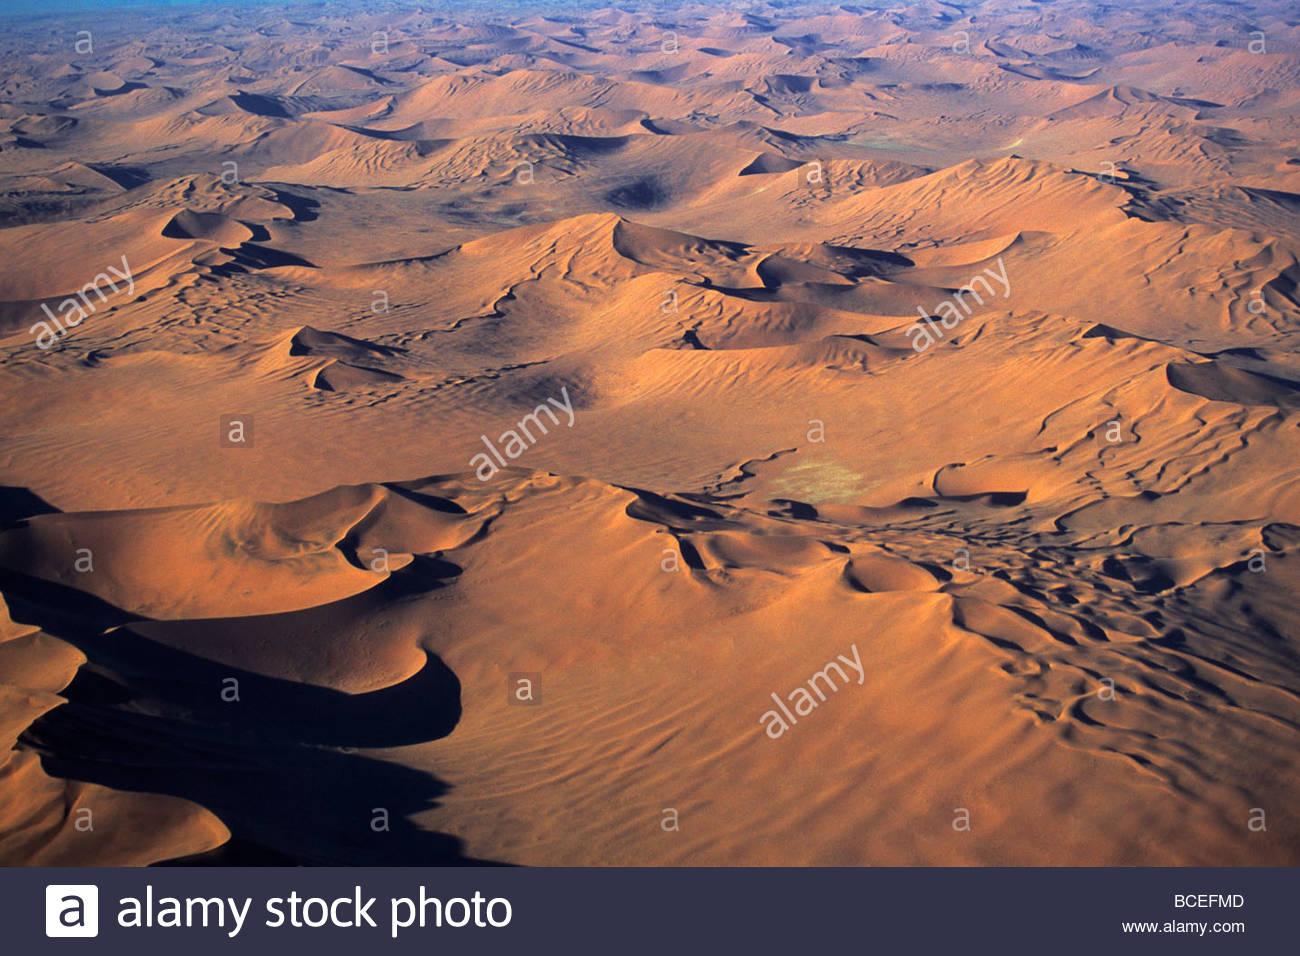 Une vue aérienne du désert de Namibie. Photo Stock